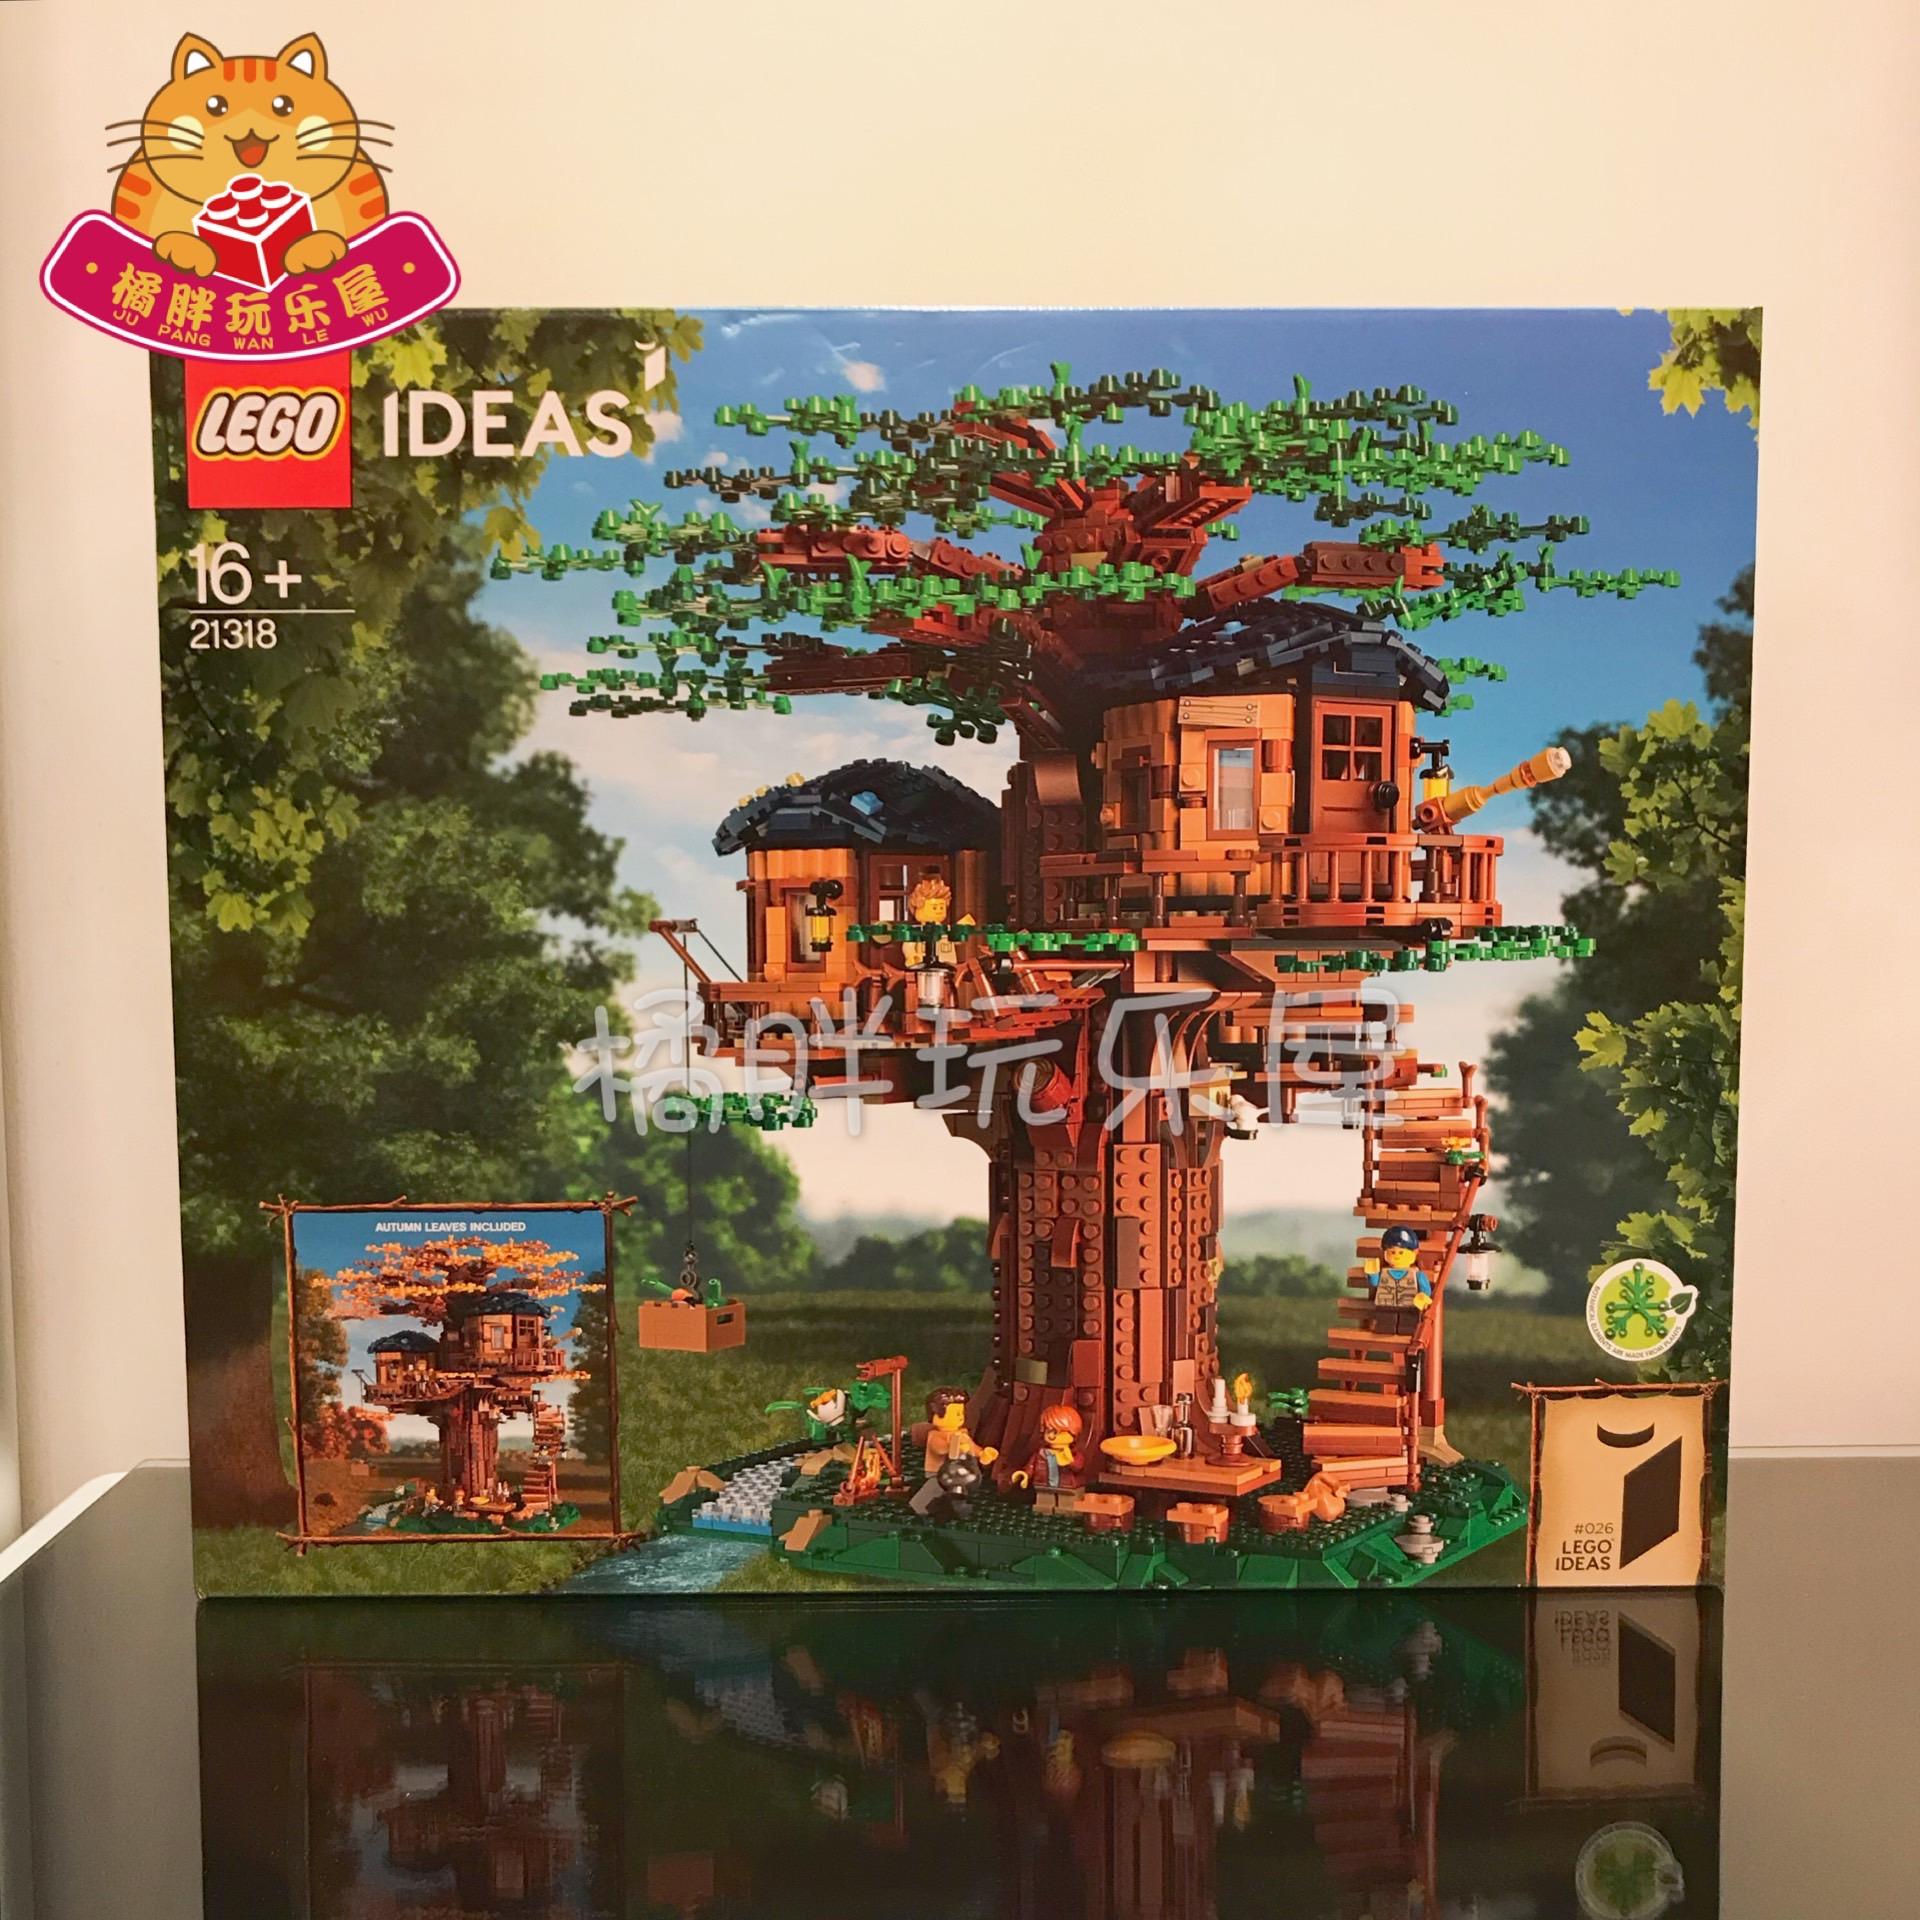 【滿天星辰】LEGO樂高21318樹屋IDEA系列益智拼搭積木玩具順豐